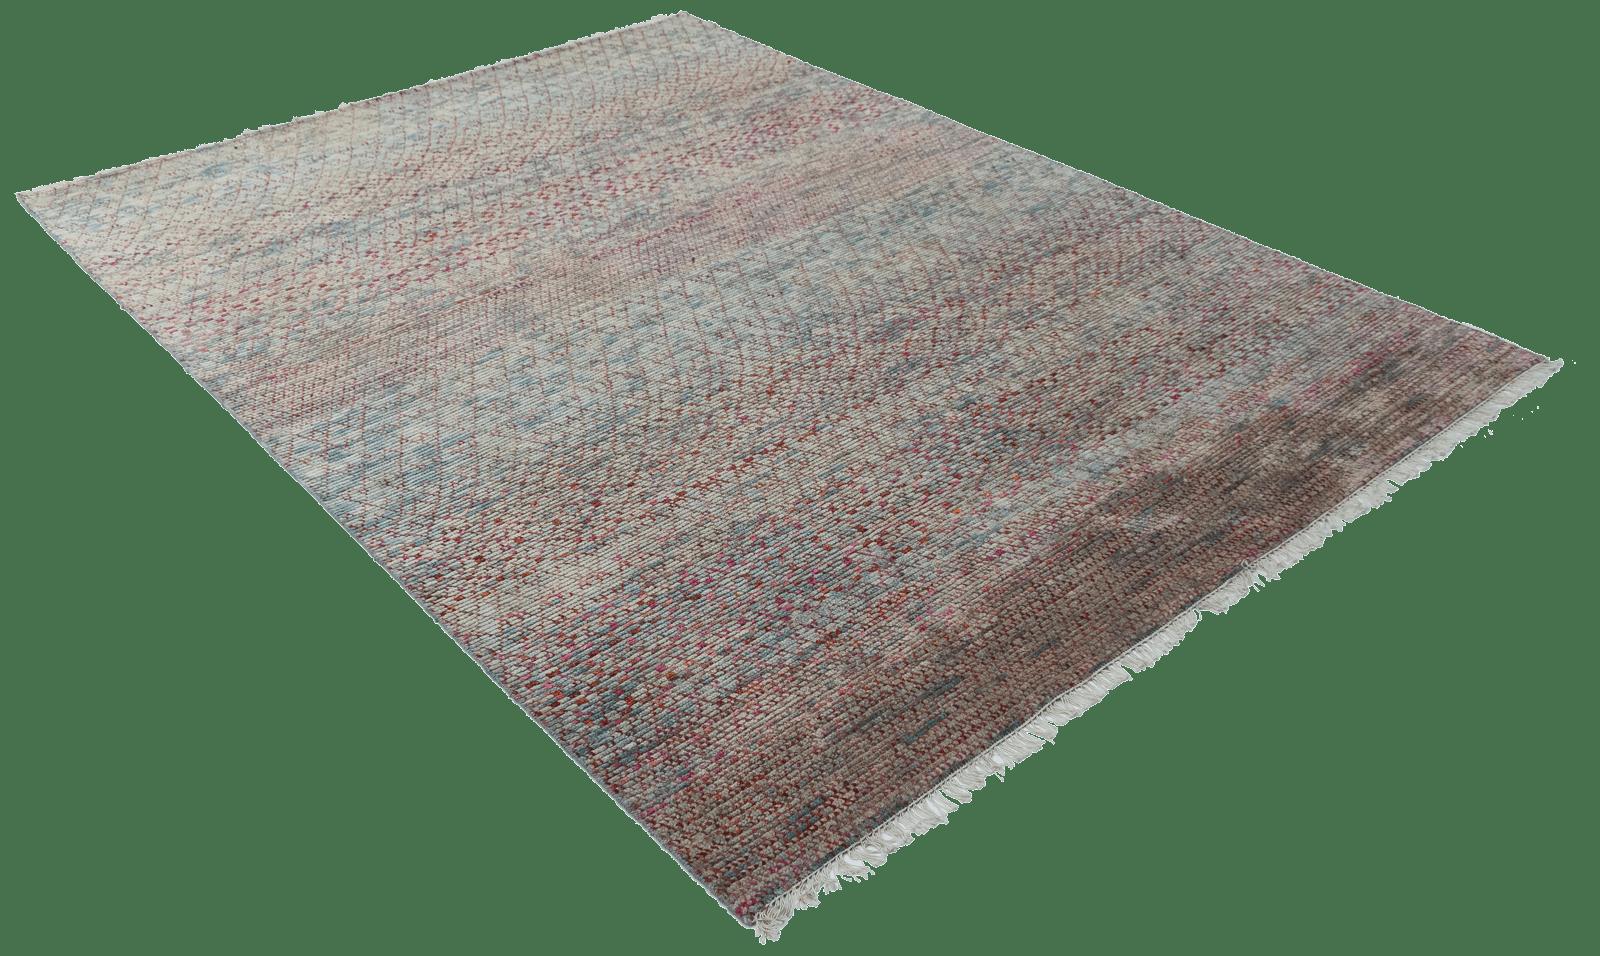 sari-silk-caribbean-sky-design-tapijt-moderne-tapijten-handgeknoopte-design-exclusieve-luxe-vloerkleden-koreman-maastricht